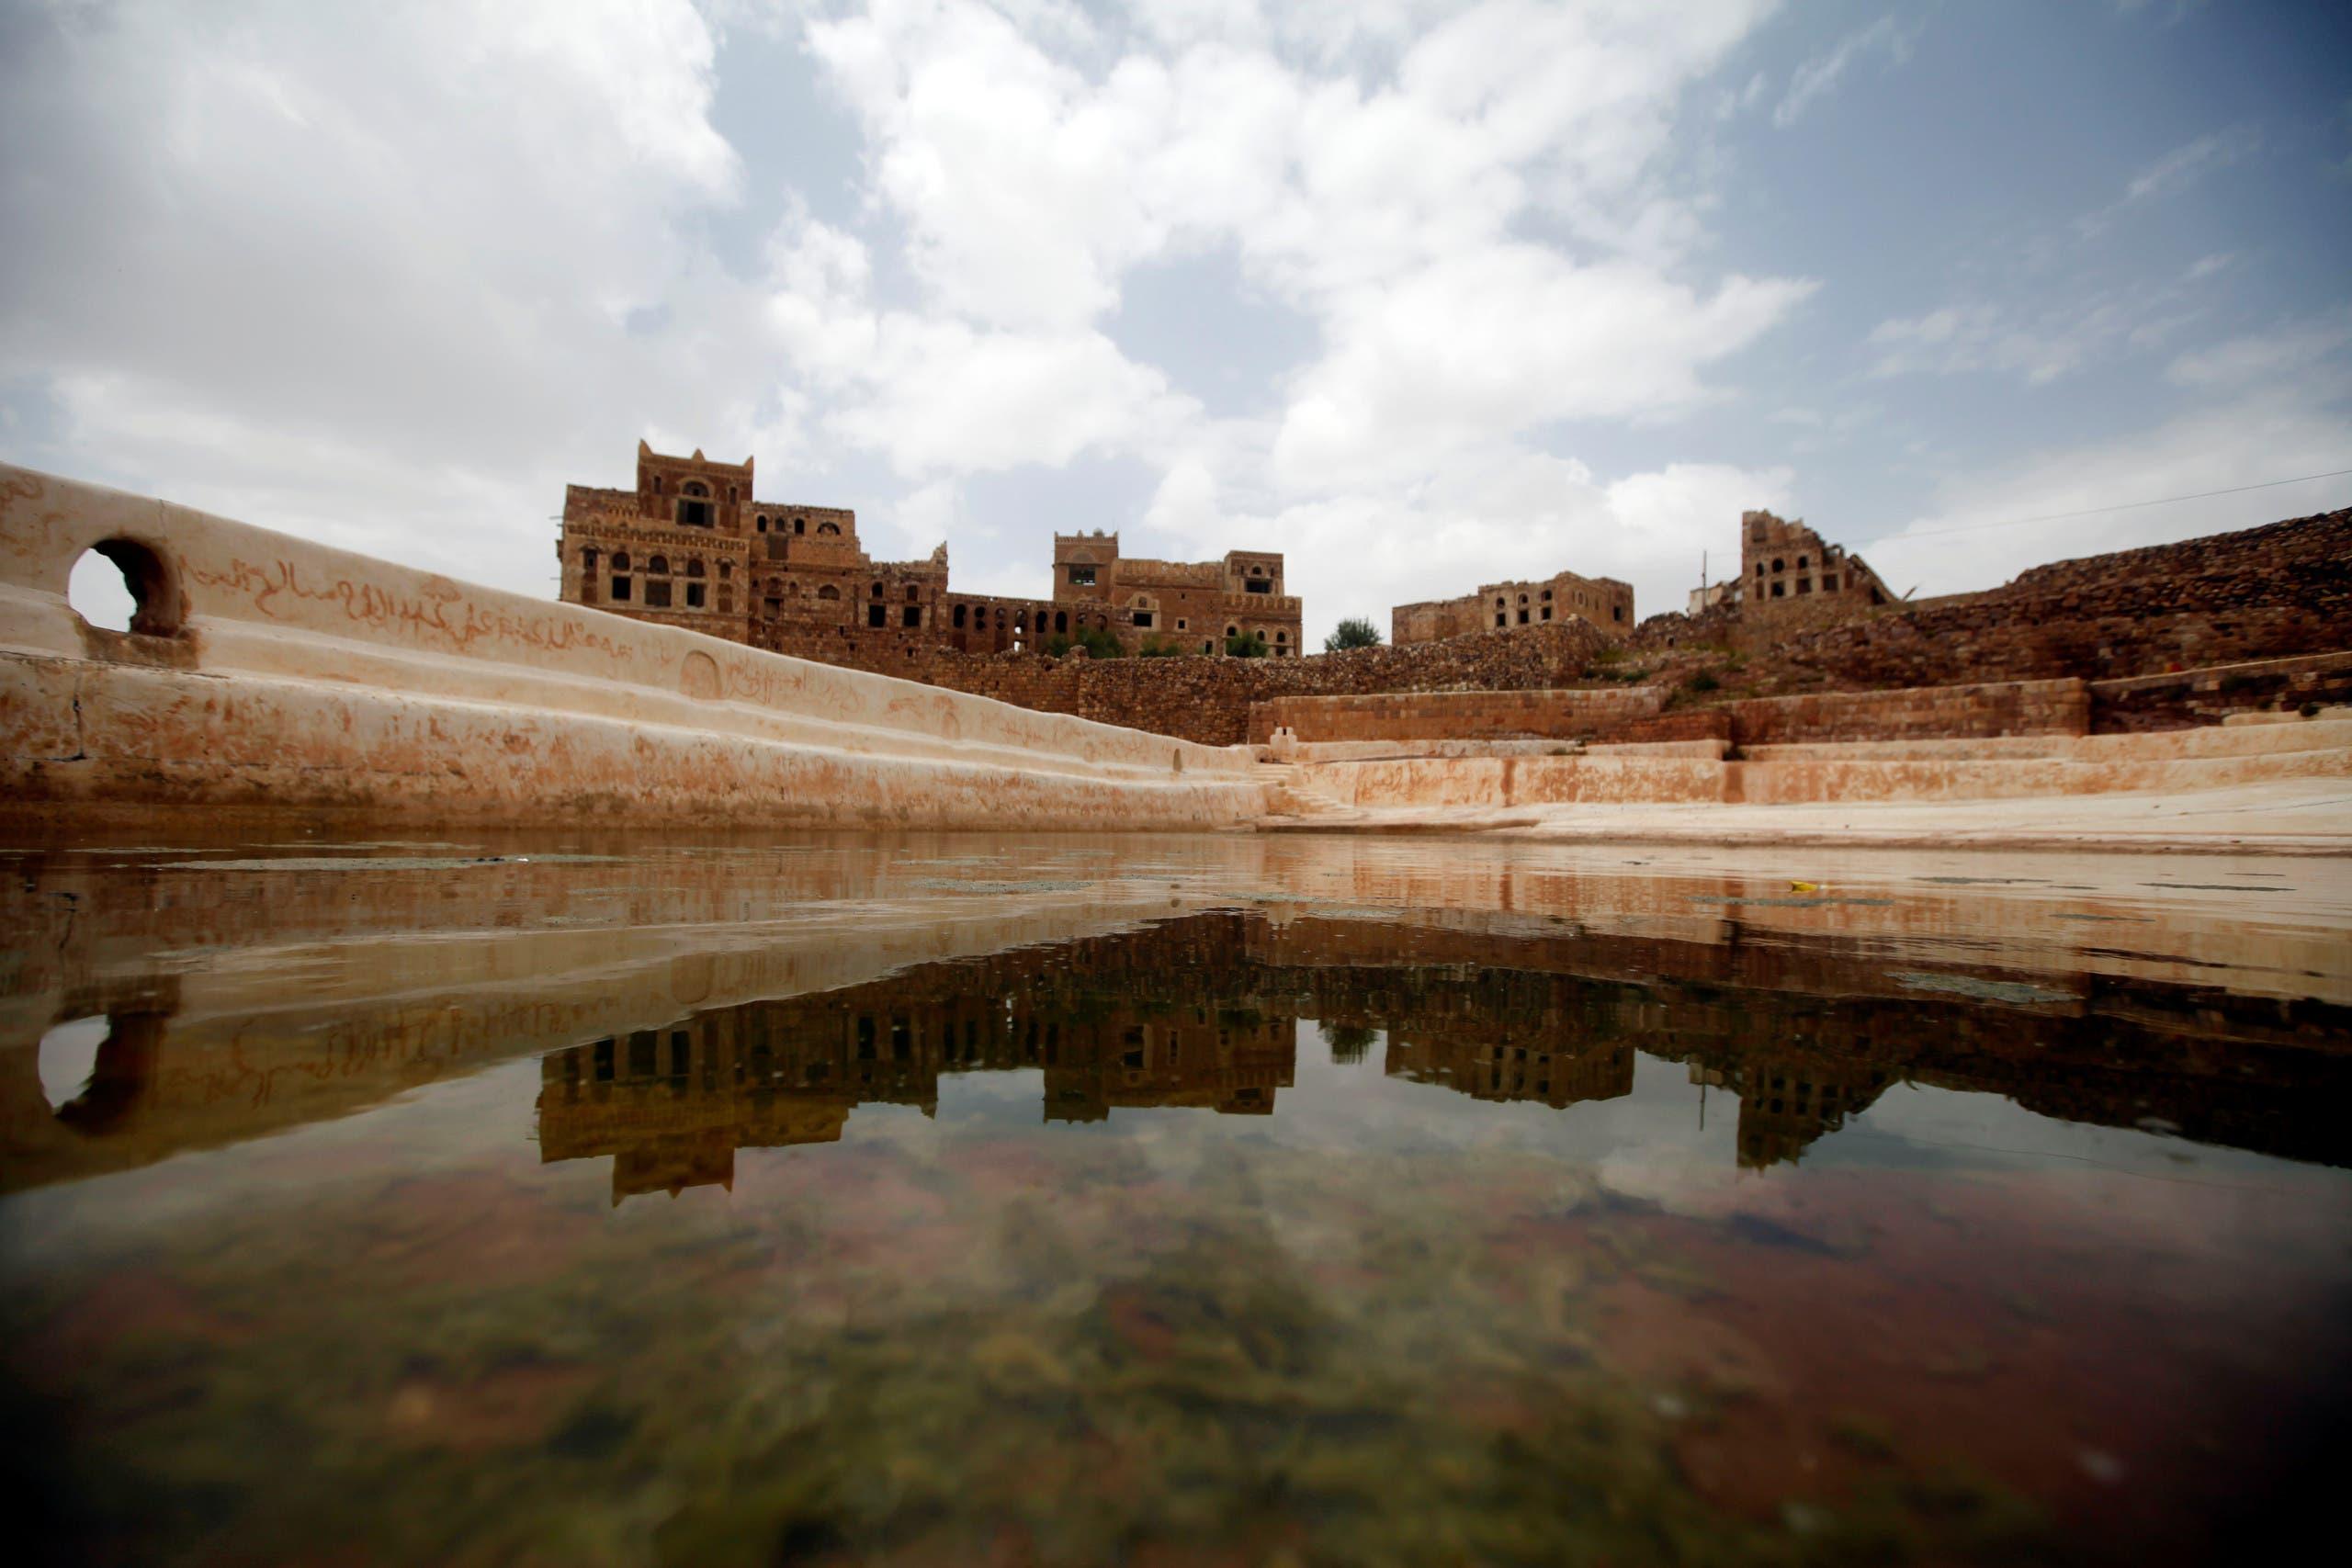 جانب من قلعة كوكبان الأثرية قرب صنعاء (رويترز)